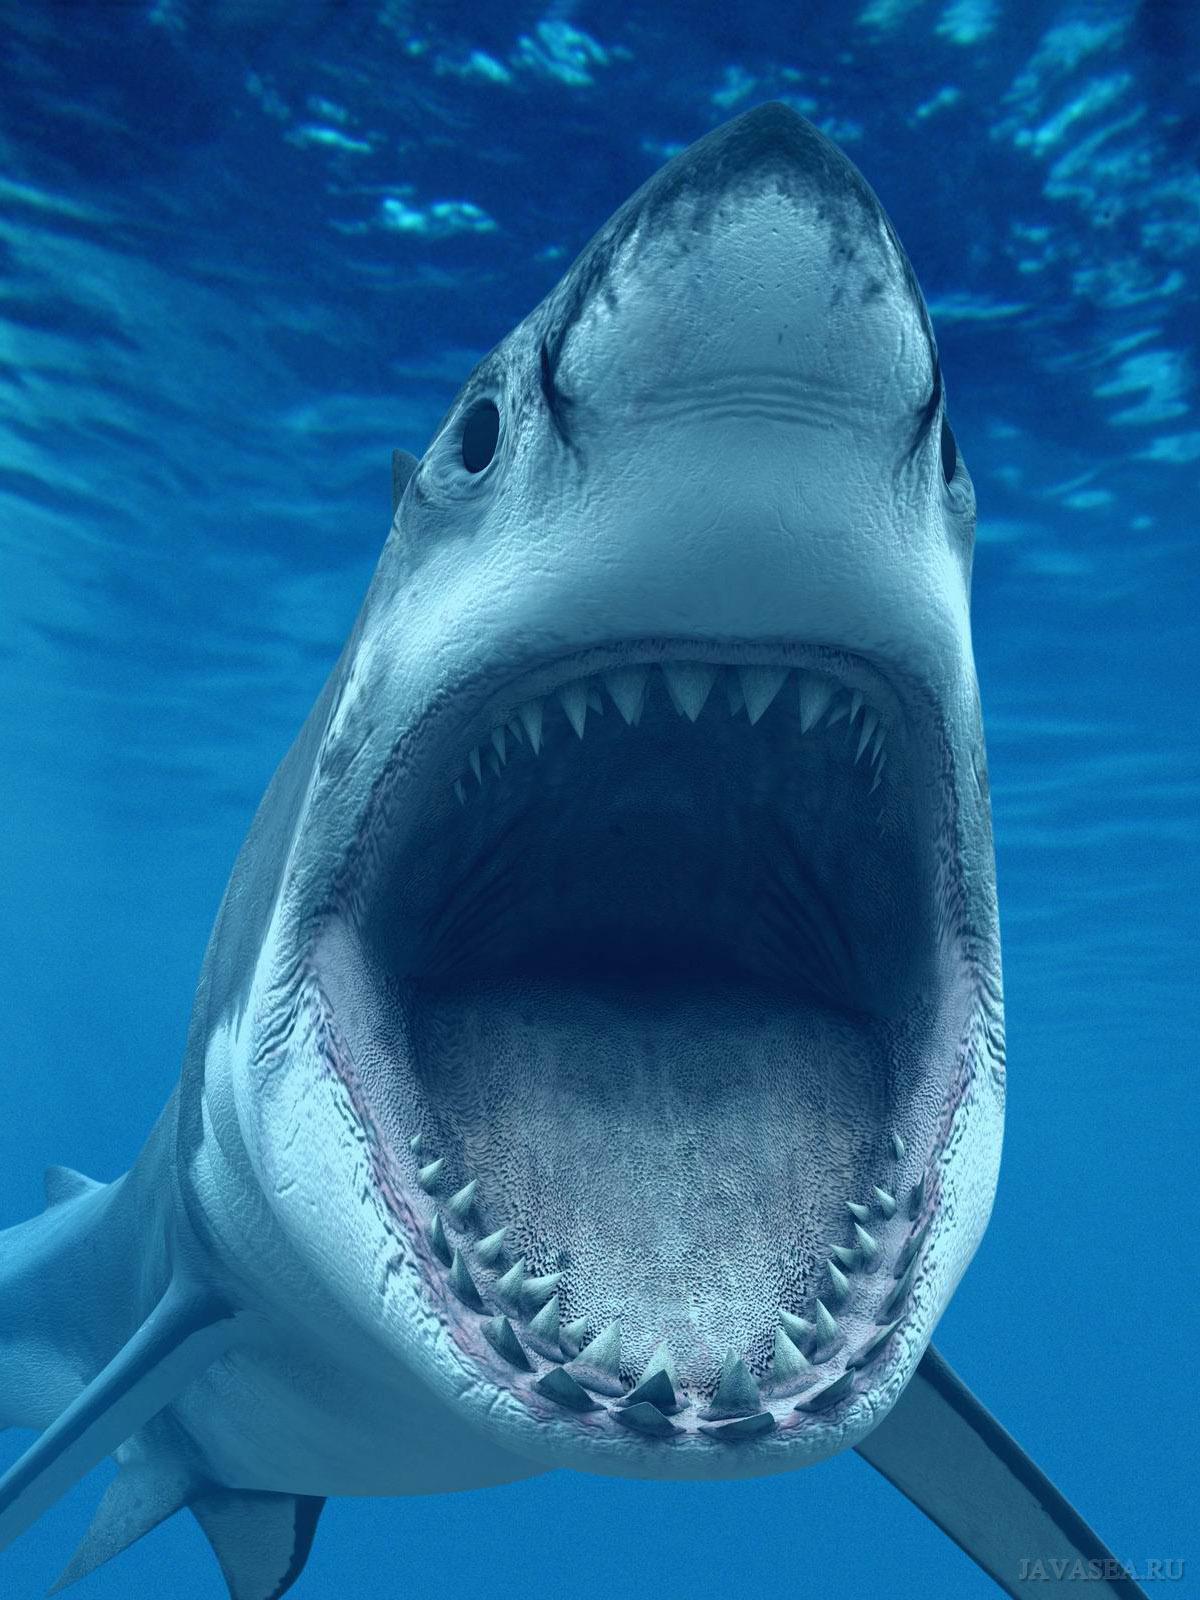 Акула с открытой пастью картинки